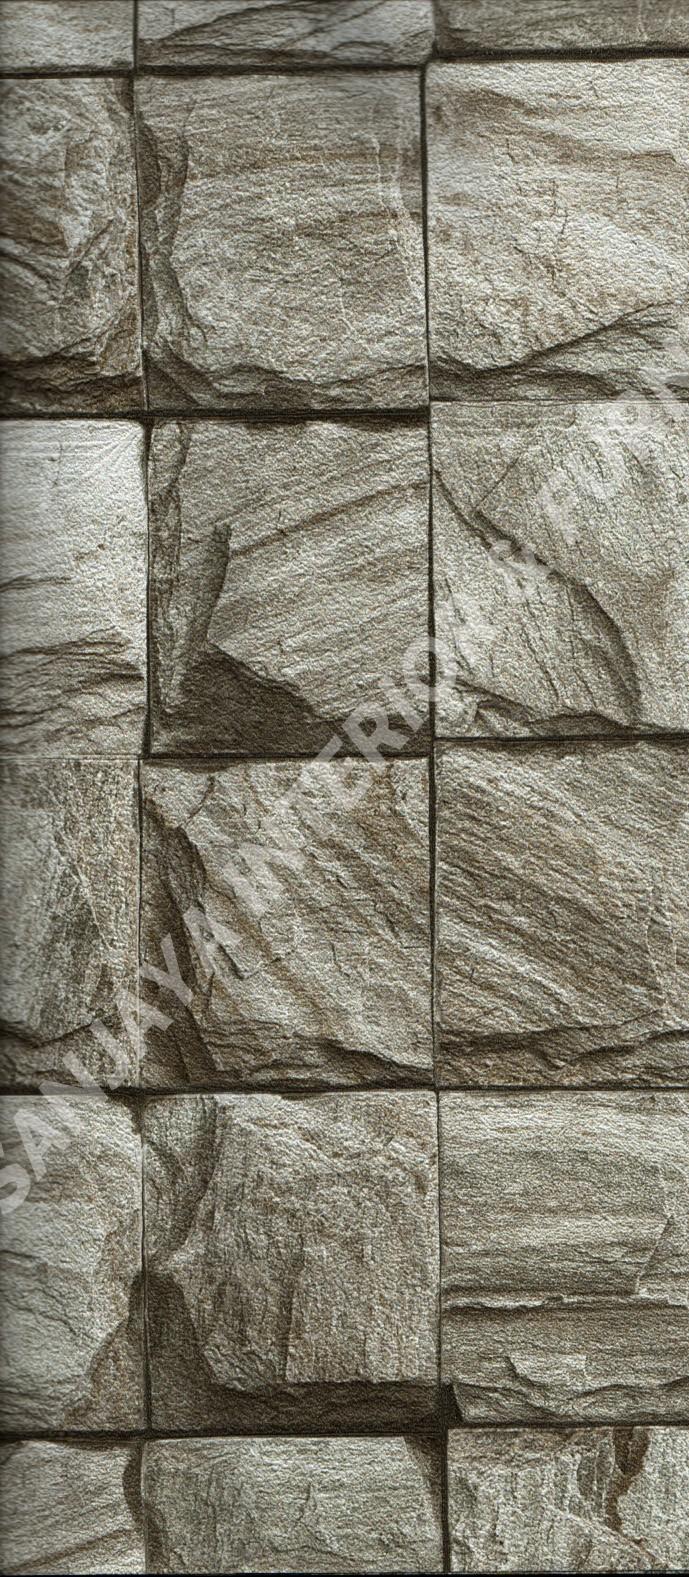 wallpaper   Wallpaper Batu-Batuan 40108-4:40108-4 corak  warna